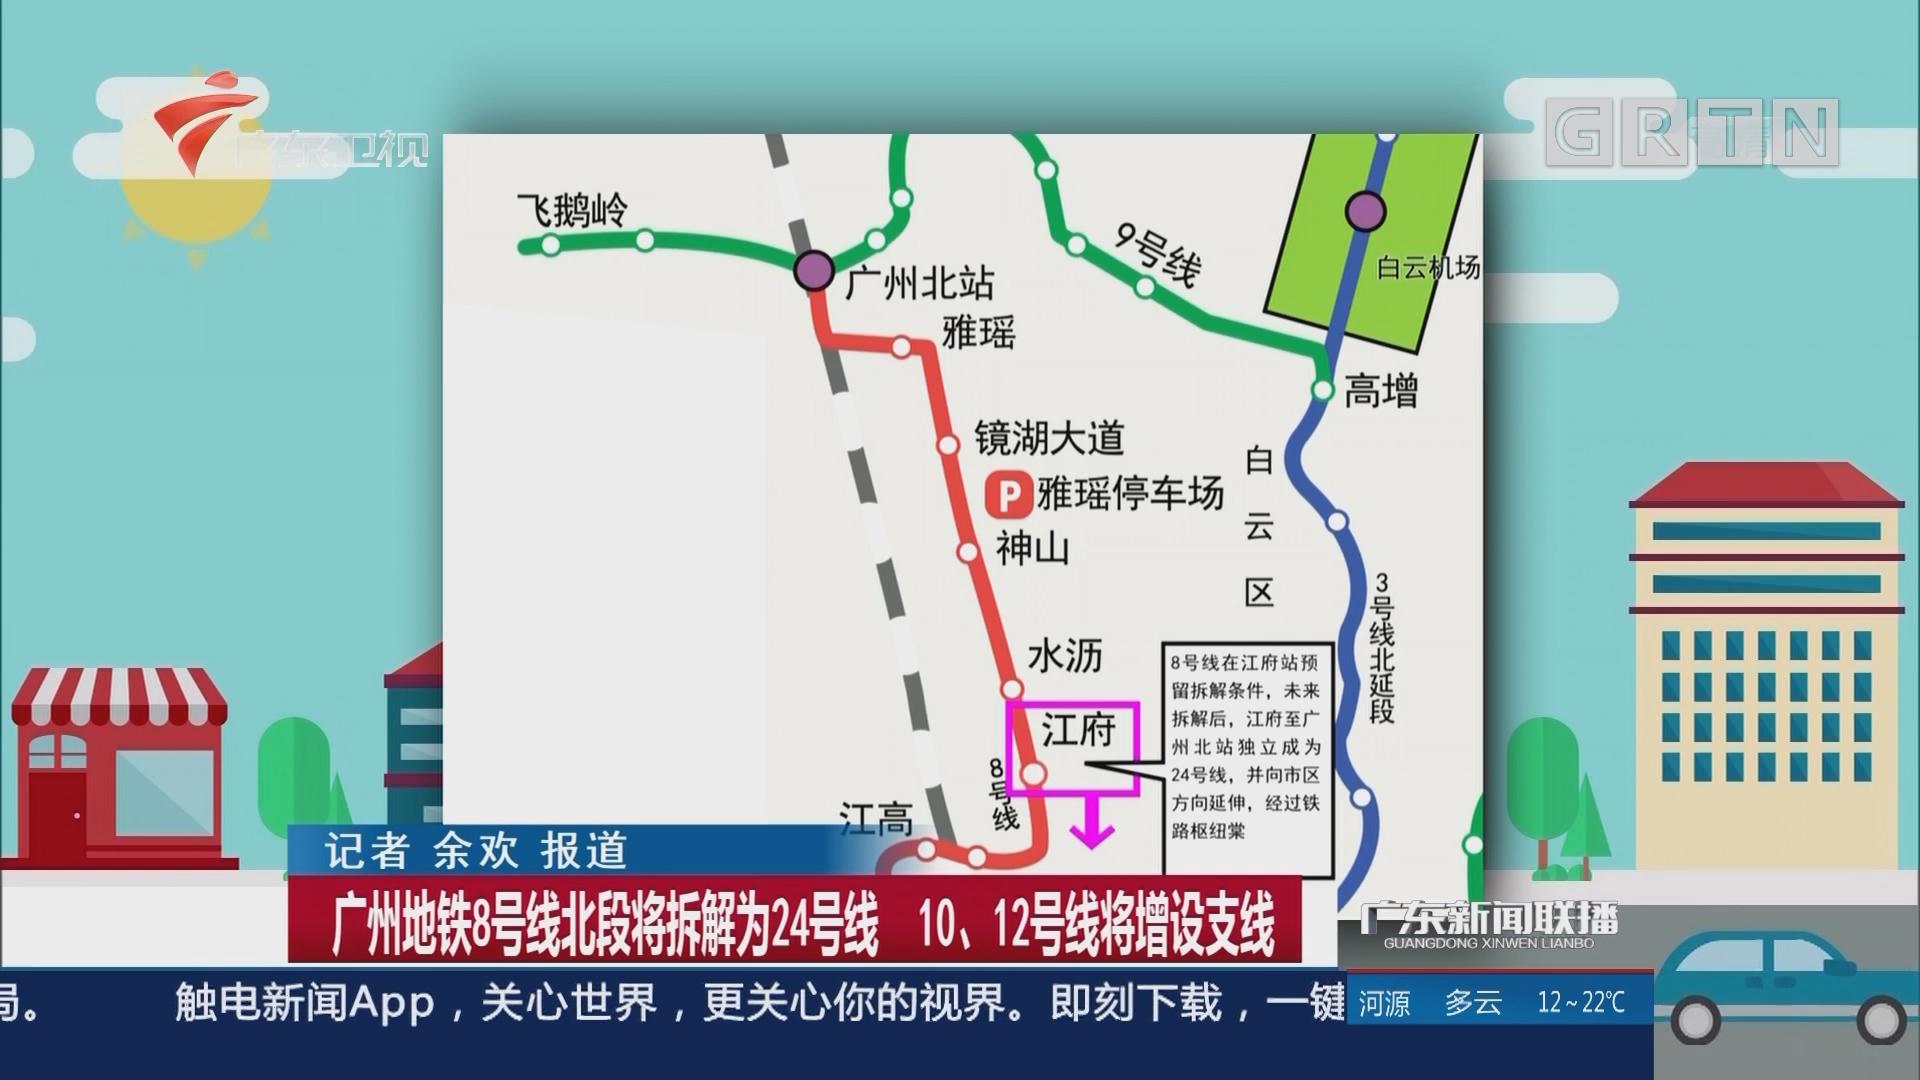 广州地铁8号线北段将拆解为24号线 10、12号线将增设支线